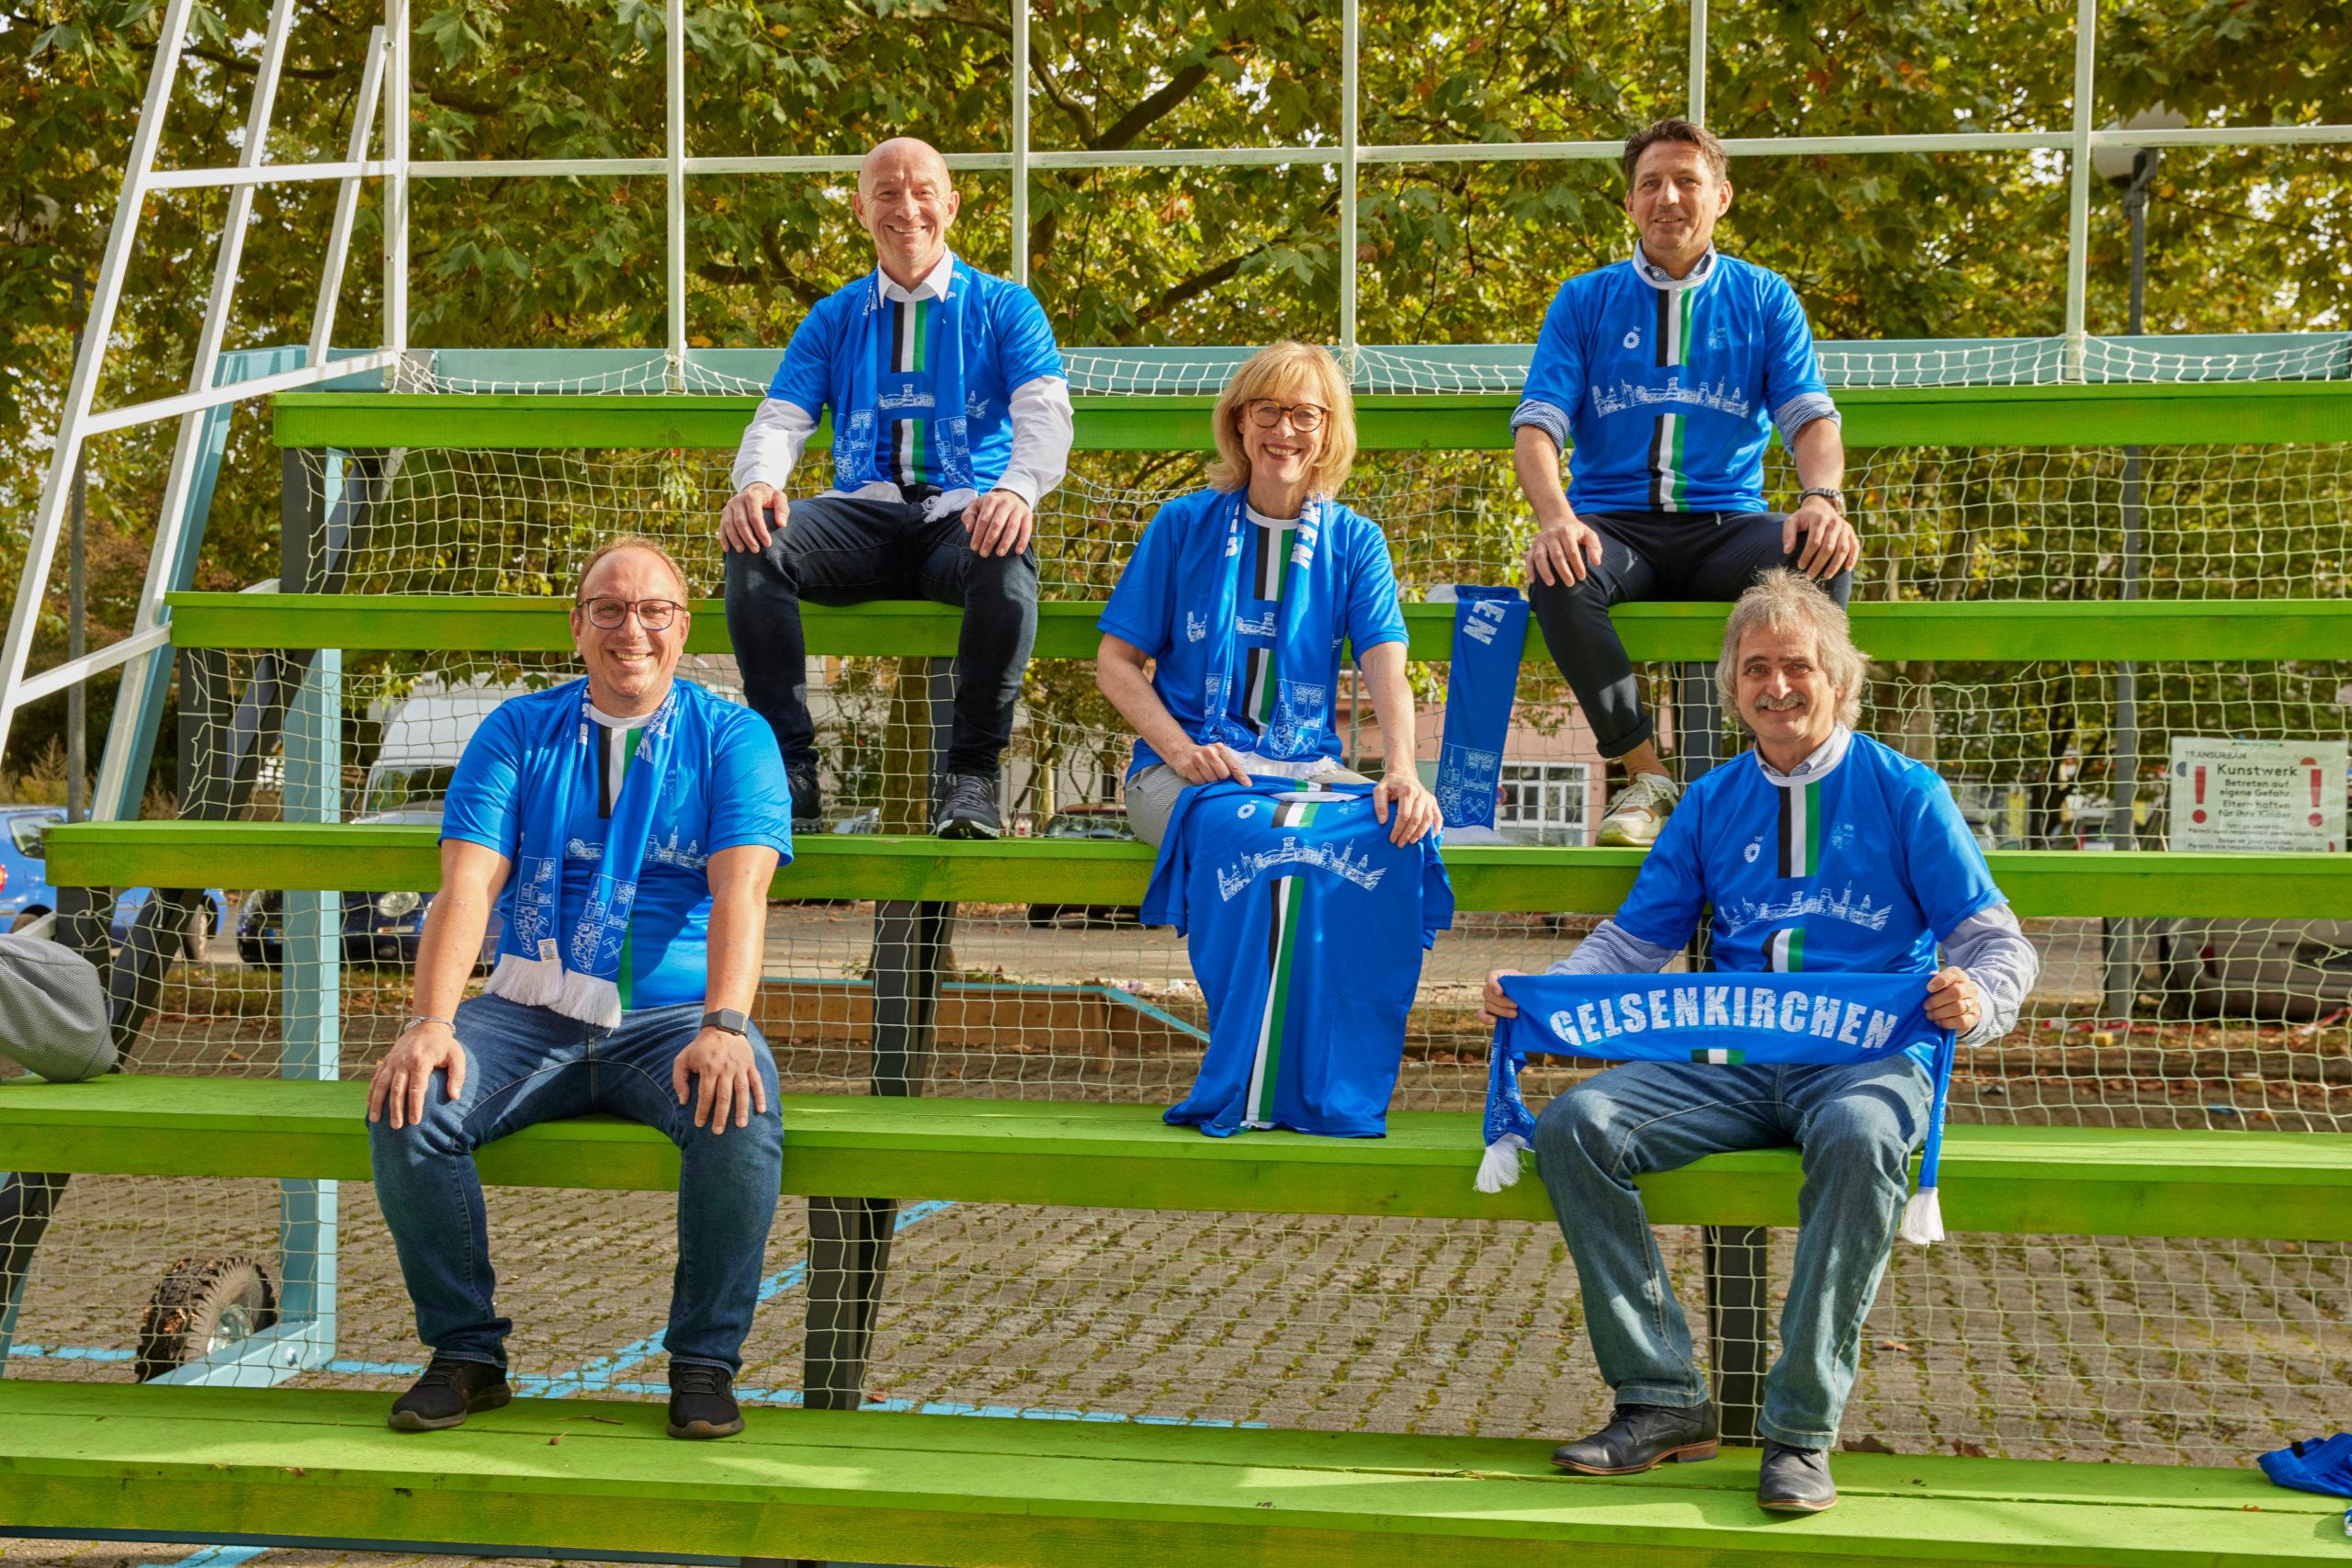 Die Gelsenkirchener Stadtfußballmannschaft hat neue Trikots erhalten - gesponsert von der Ruhr Oel GmbH – BP Gelsenkirchen.